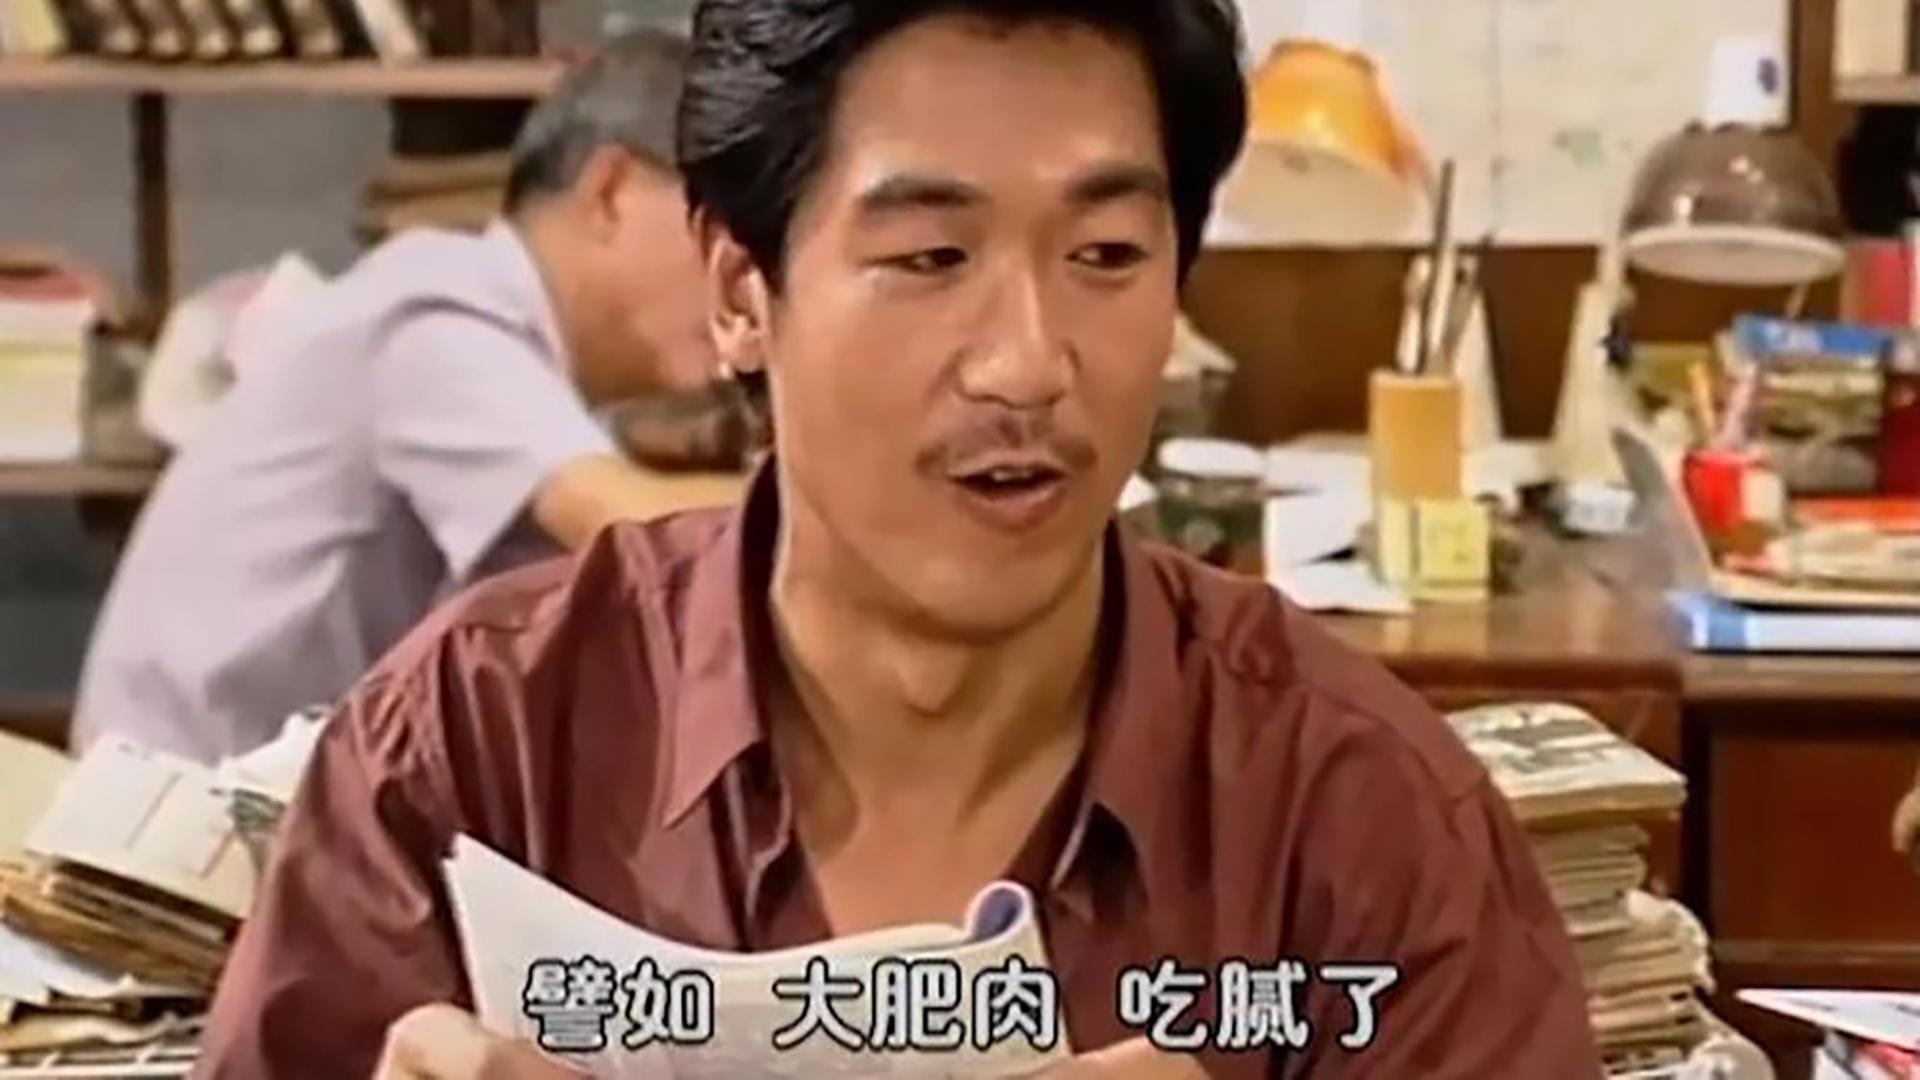 【万恶之源】张国立的五大名场面,国立老师汝甚骚啊!!